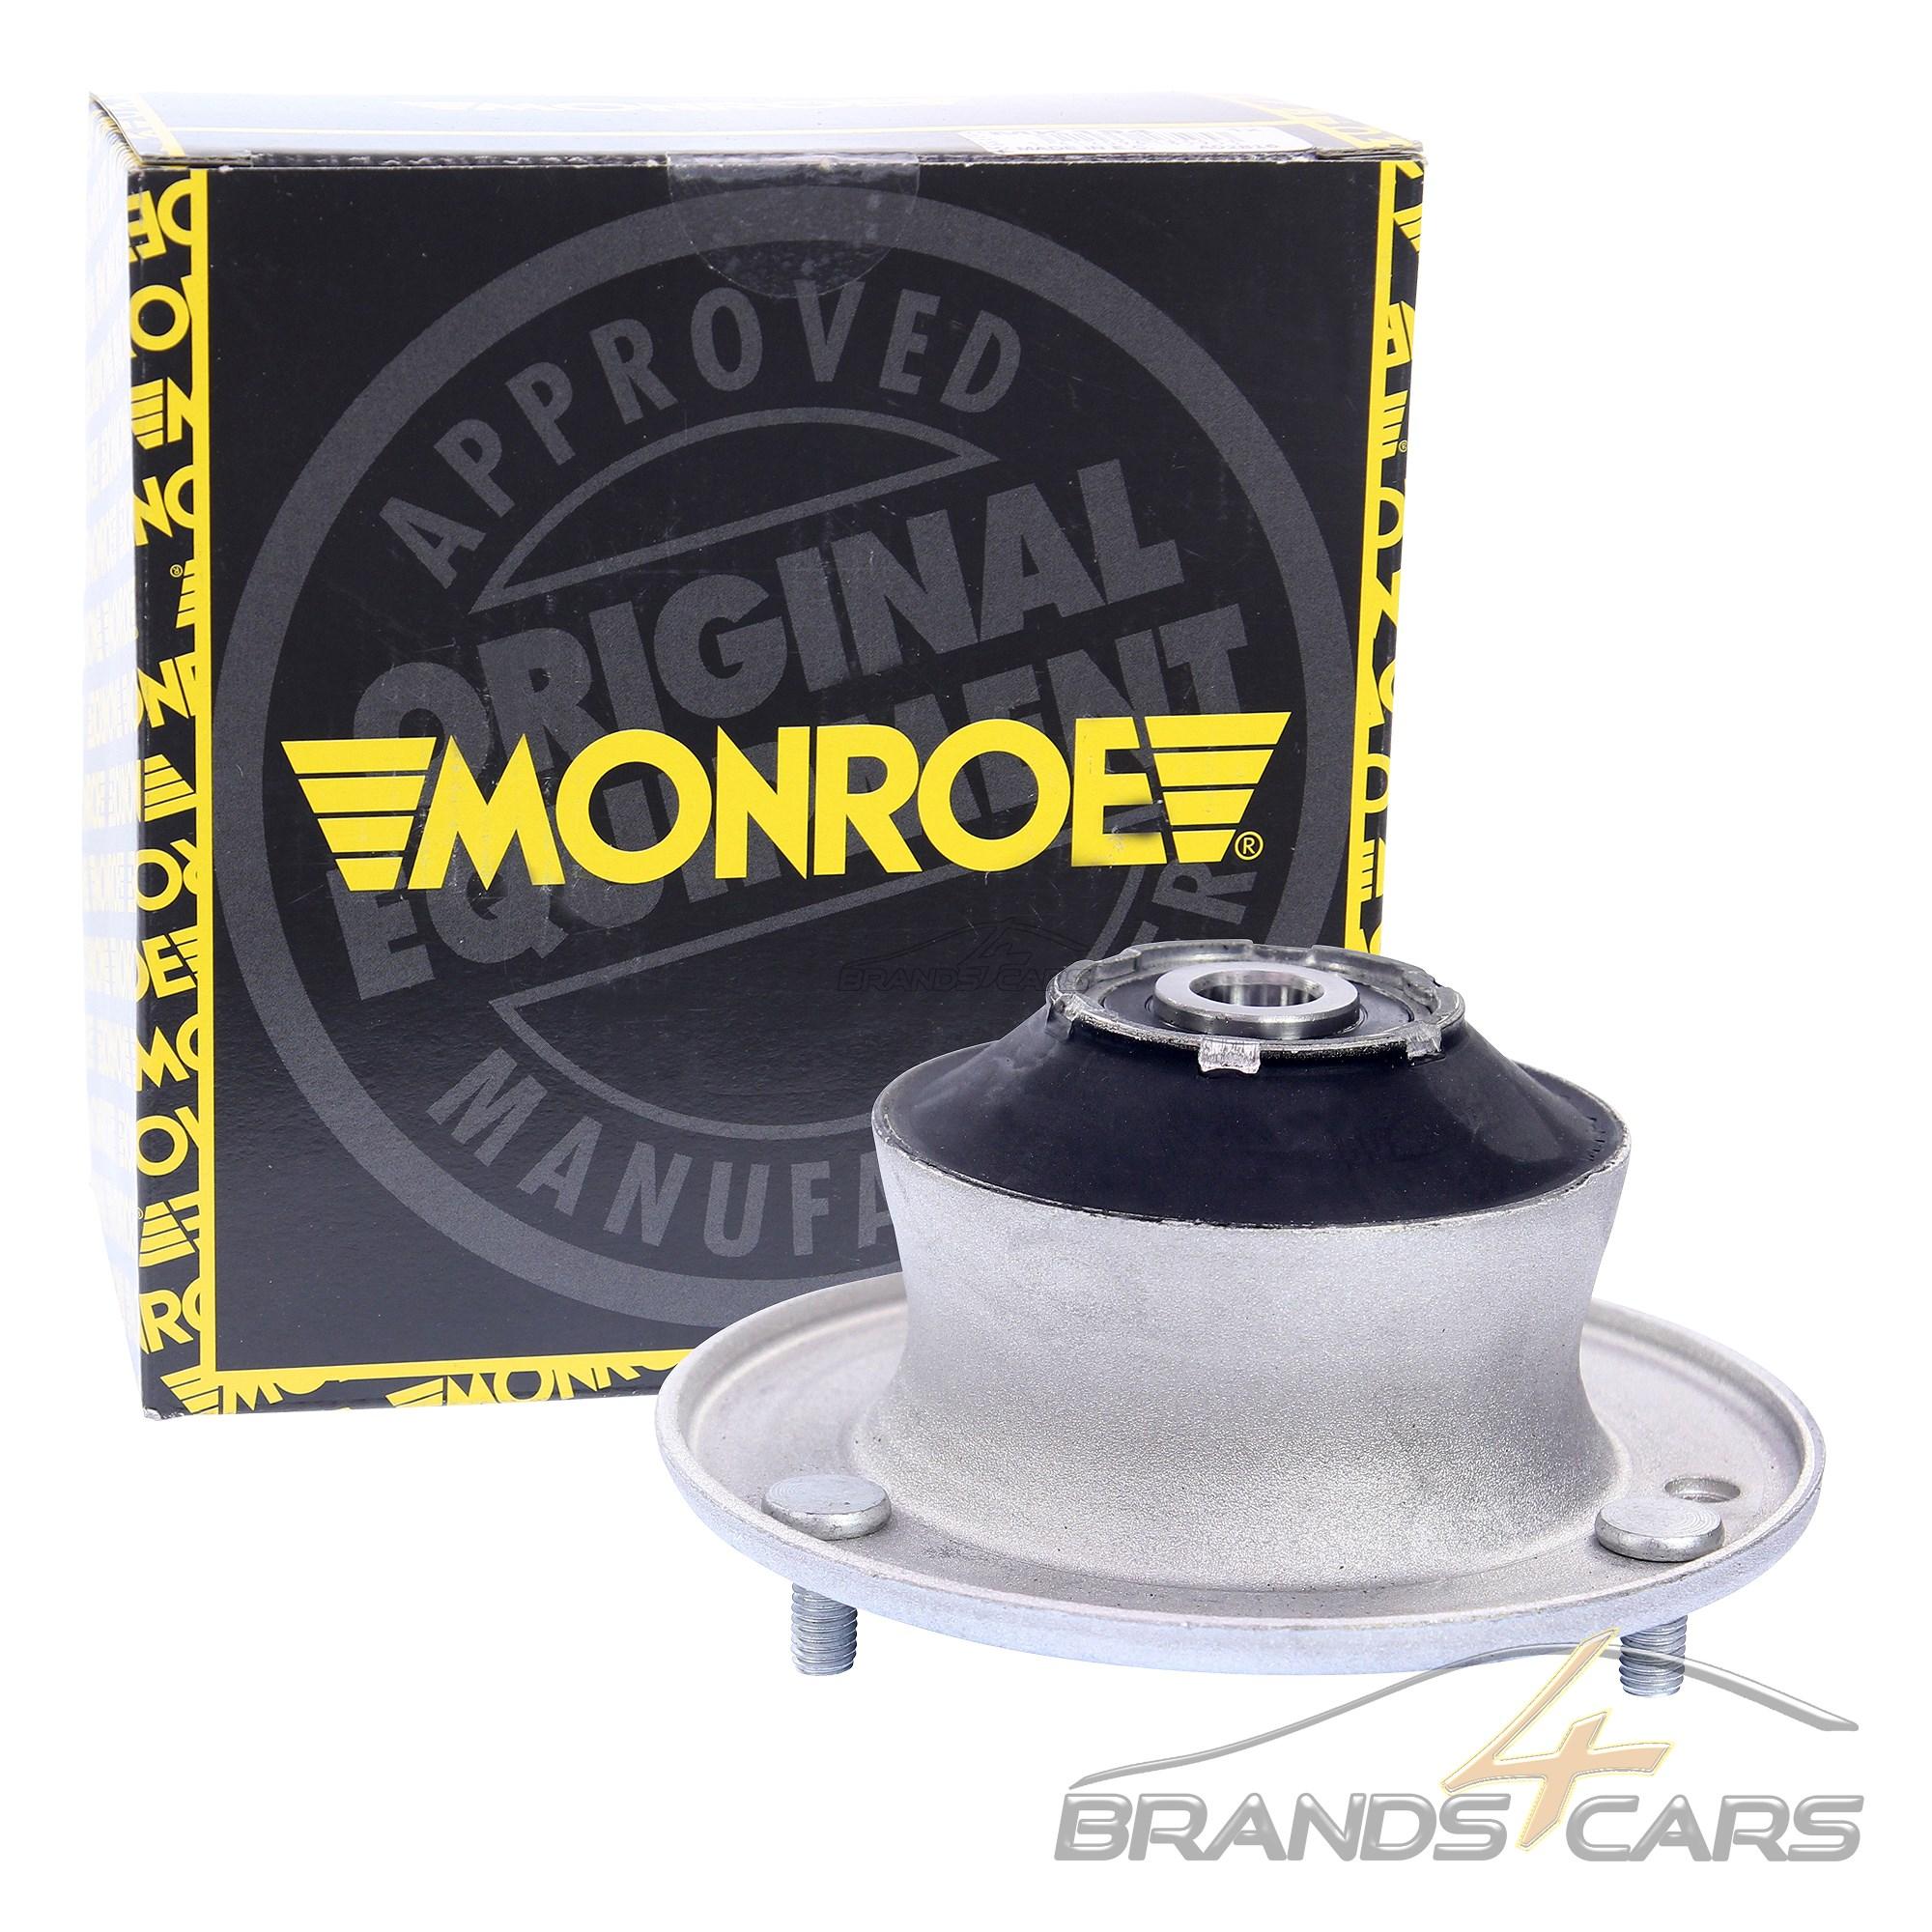 MONROE DOMLAGER FEDERBEINLAGER VORNE BMW 1-ER E81 3-ER E46 E90 E91 E92 E93